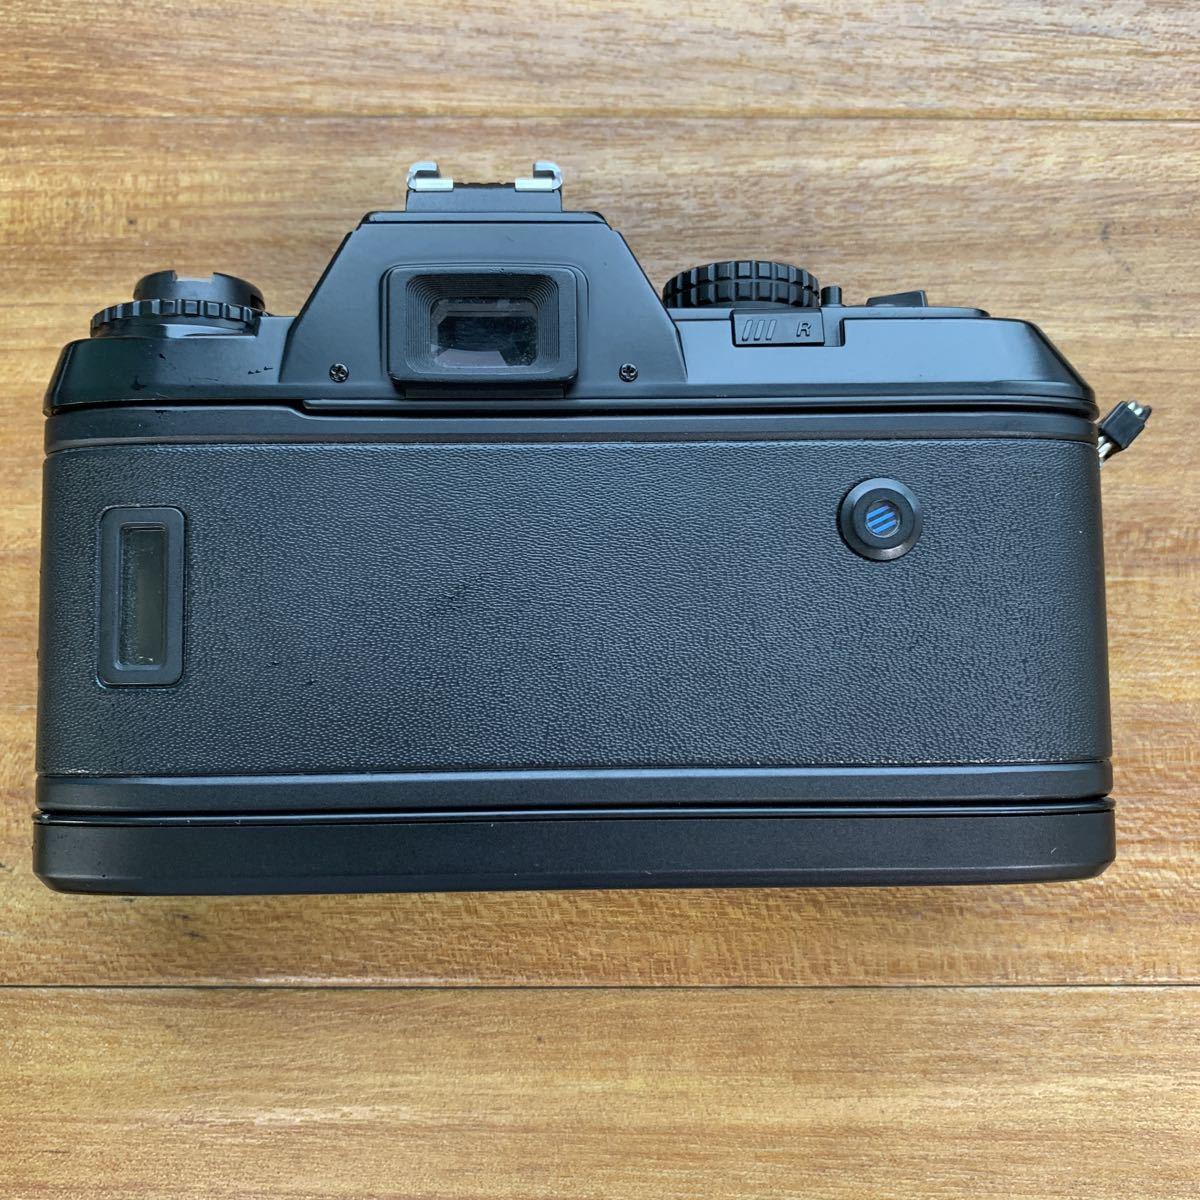 返品不可 ジャンク Nikon F 301 +minolta 110 zoom markⅡ 動作未確認 #j492_画像5